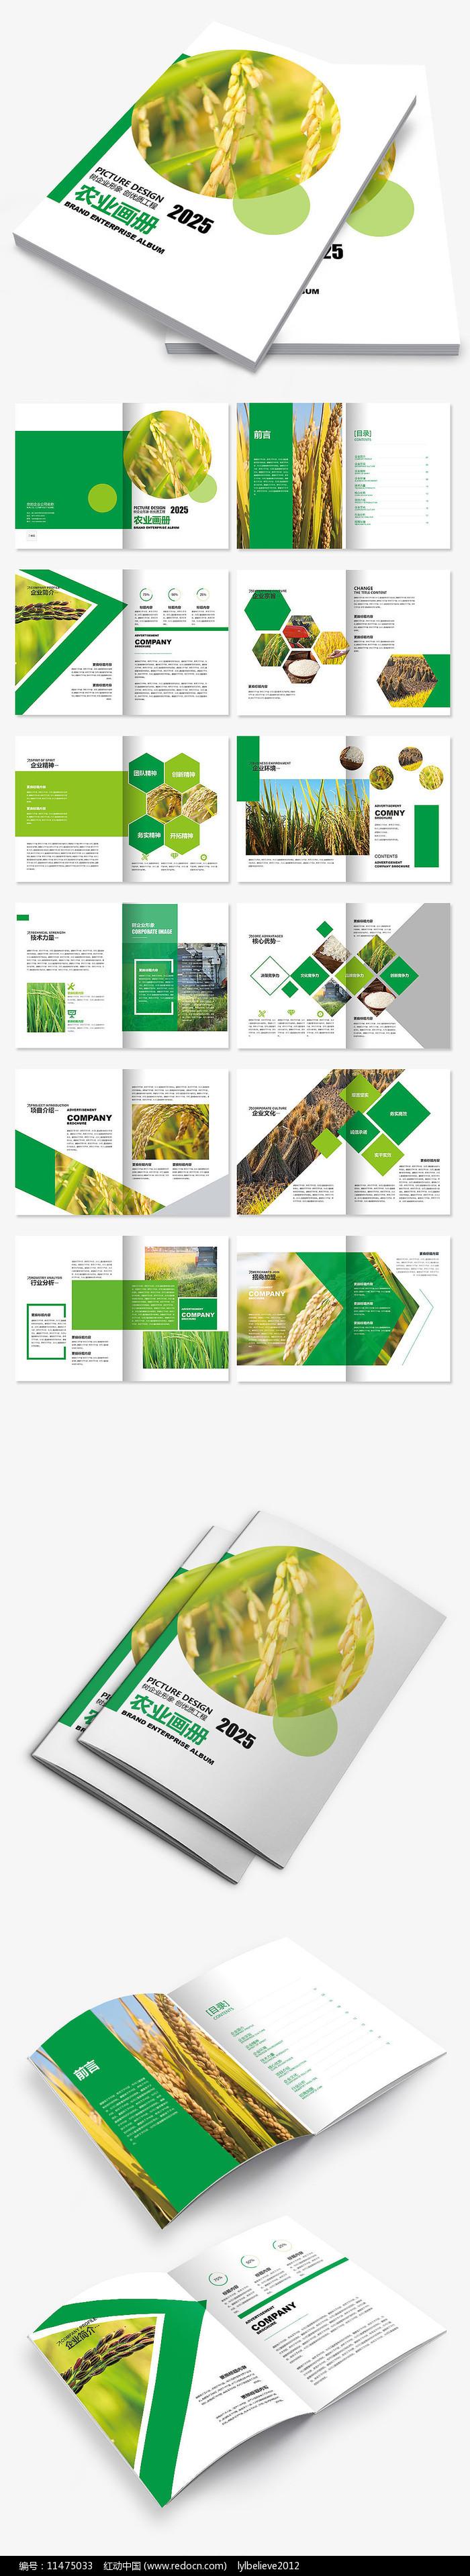 农产品绿色环保企业宣传画册图片